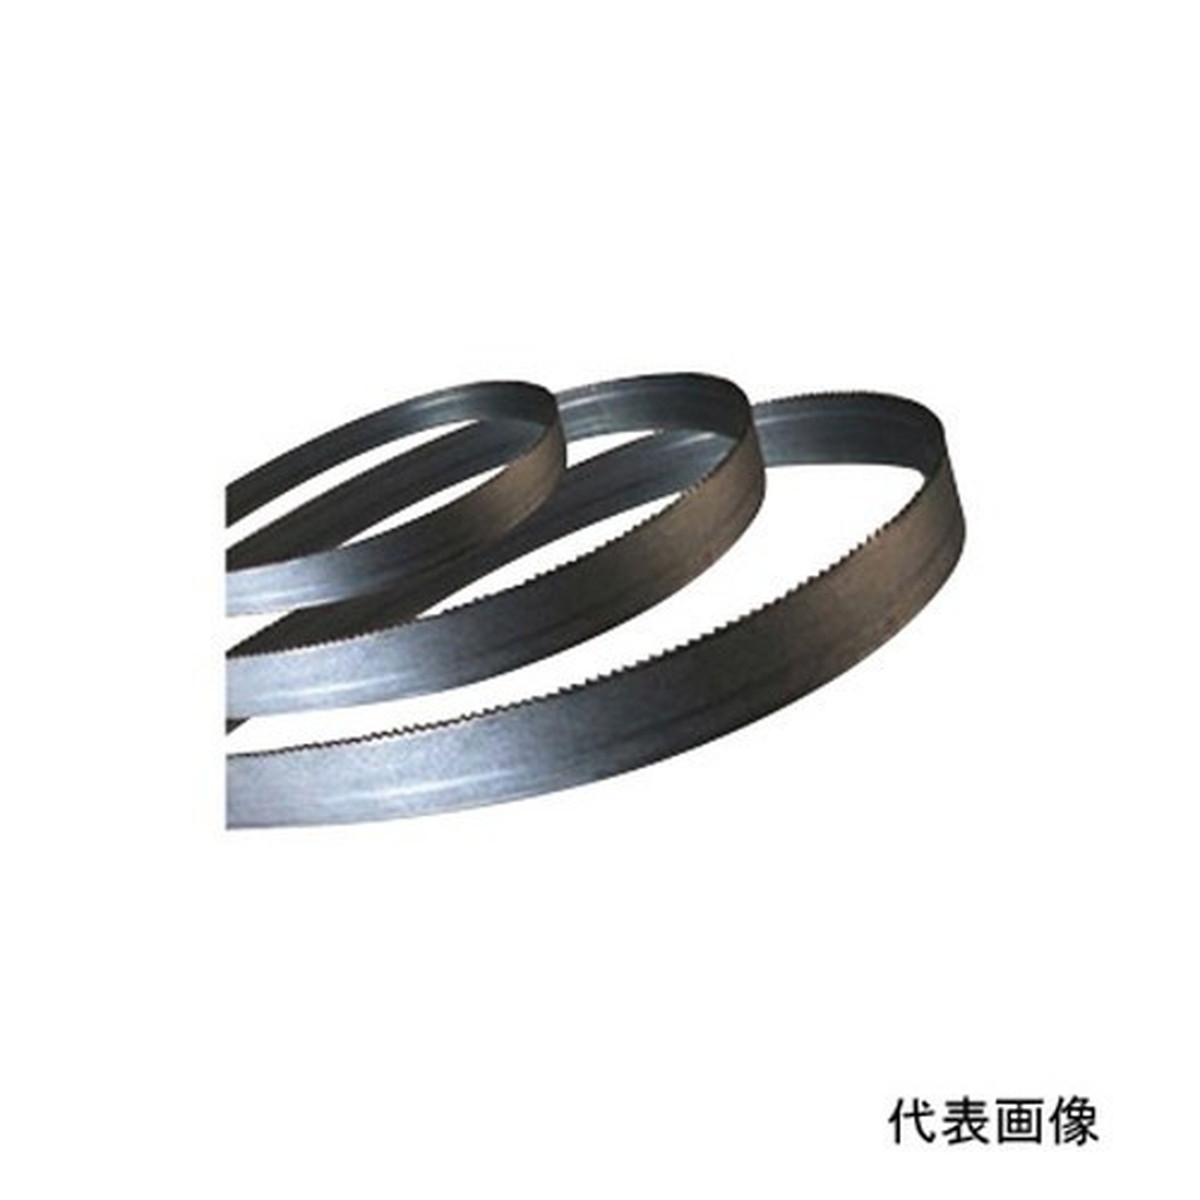 モトユキ バンドソー替刃B13-730-183P【クーポン配布中】